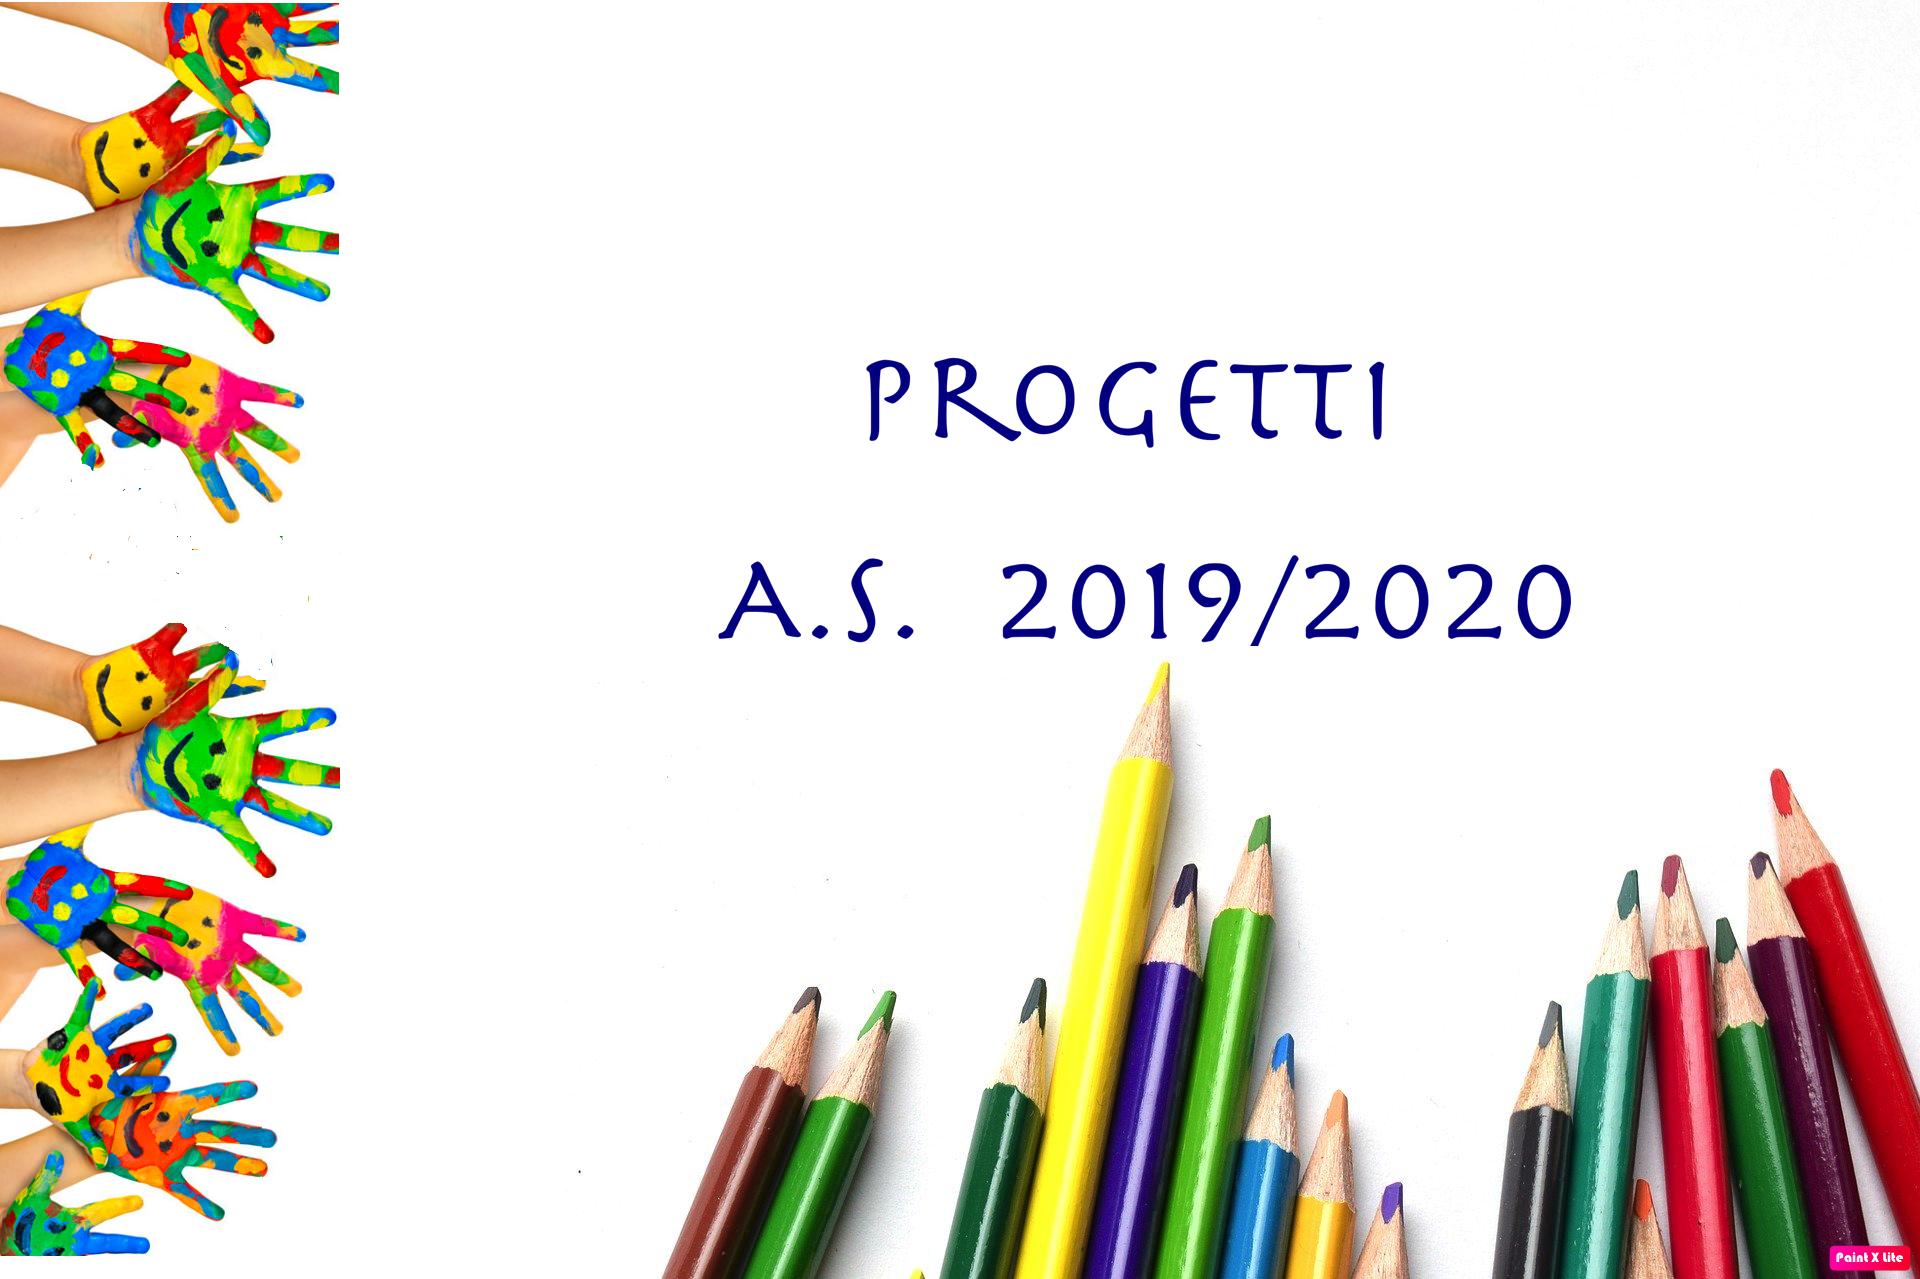 Progetti 2019/2020